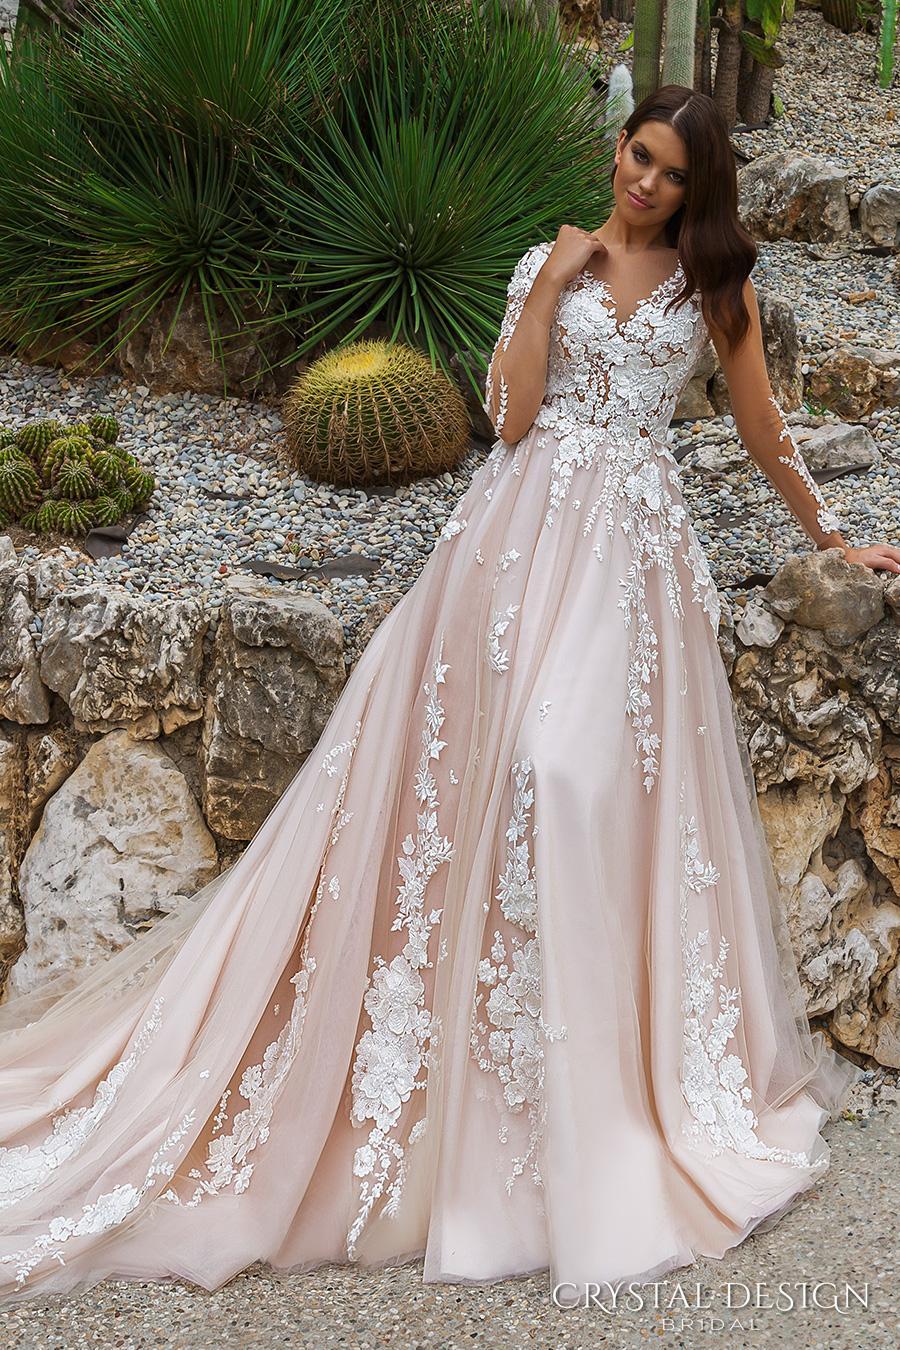 Blush Long Sleeved Princes Wedding Dresses Crystal Design Bridal V ...